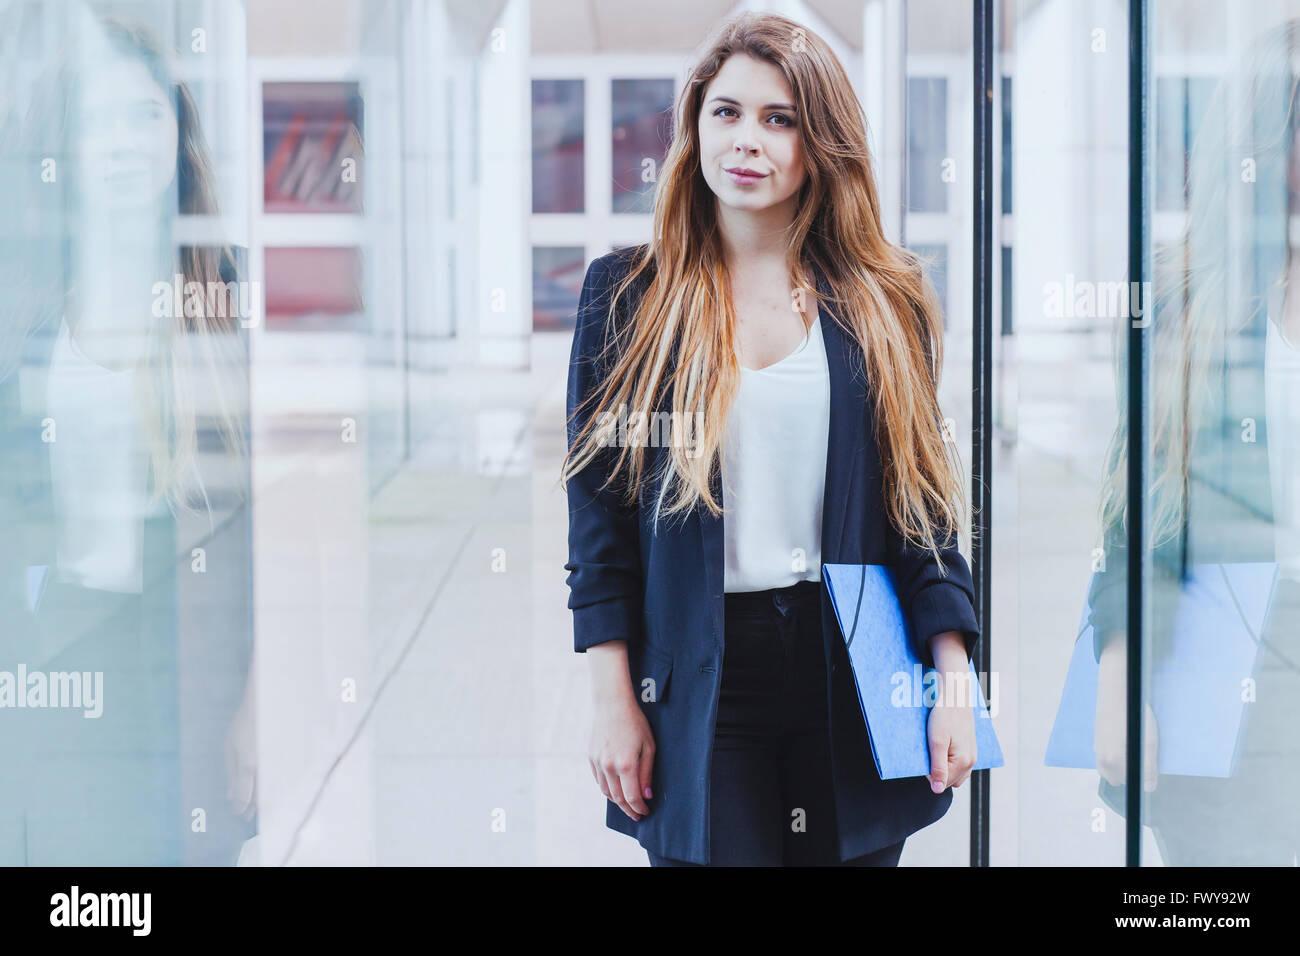 Retrato de mujer de negocios mirando la cámara Imagen De Stock